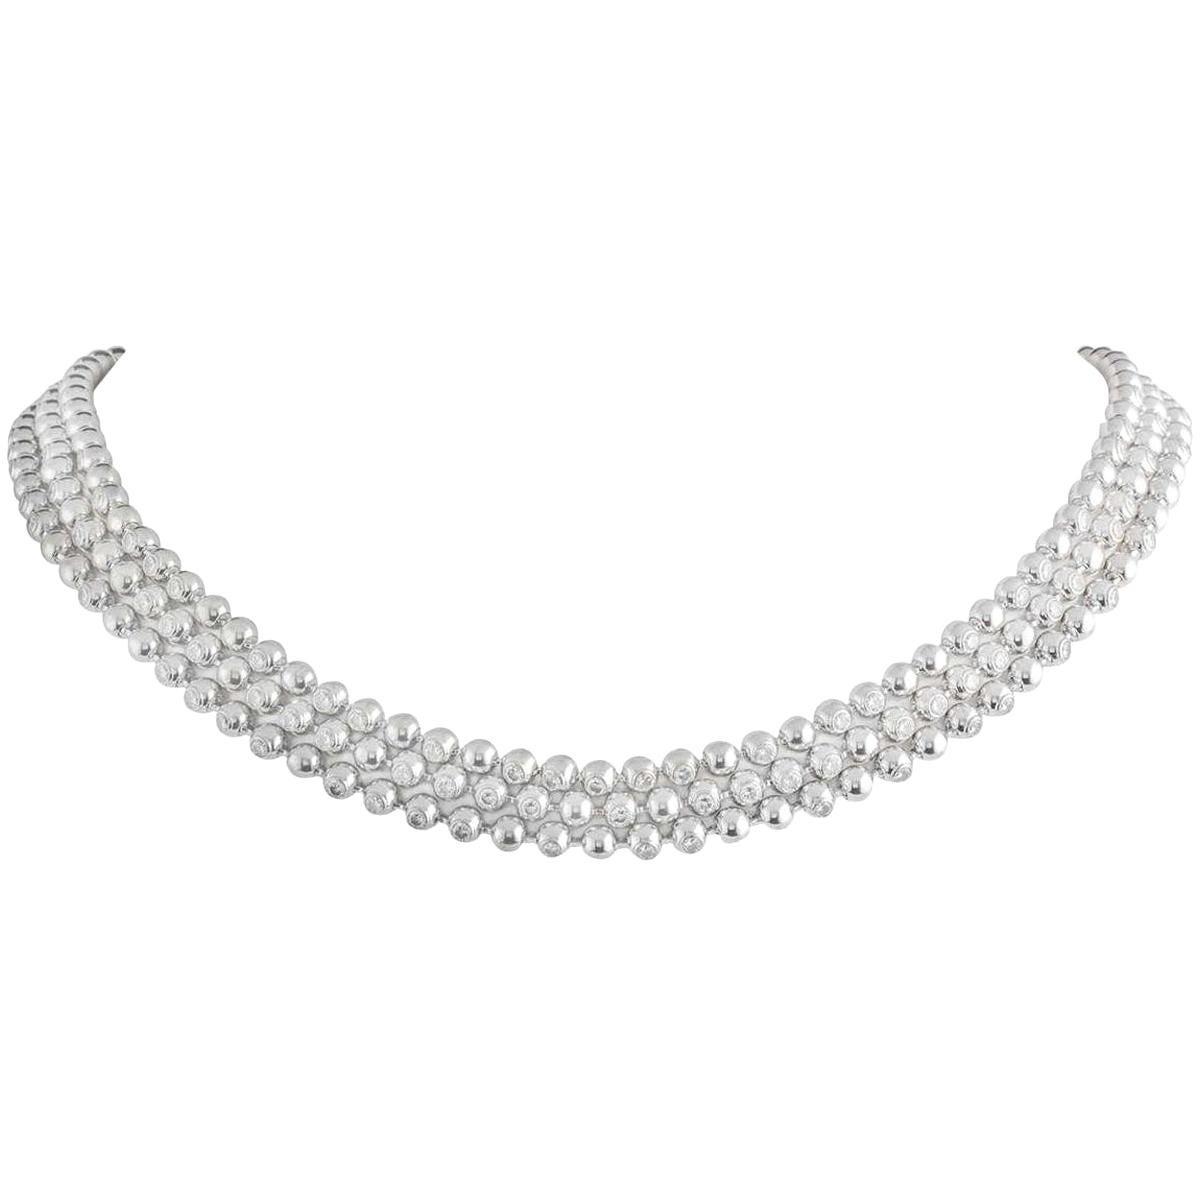 Cartier Moonlight Diamond Choker Necklace 6.00 Carat